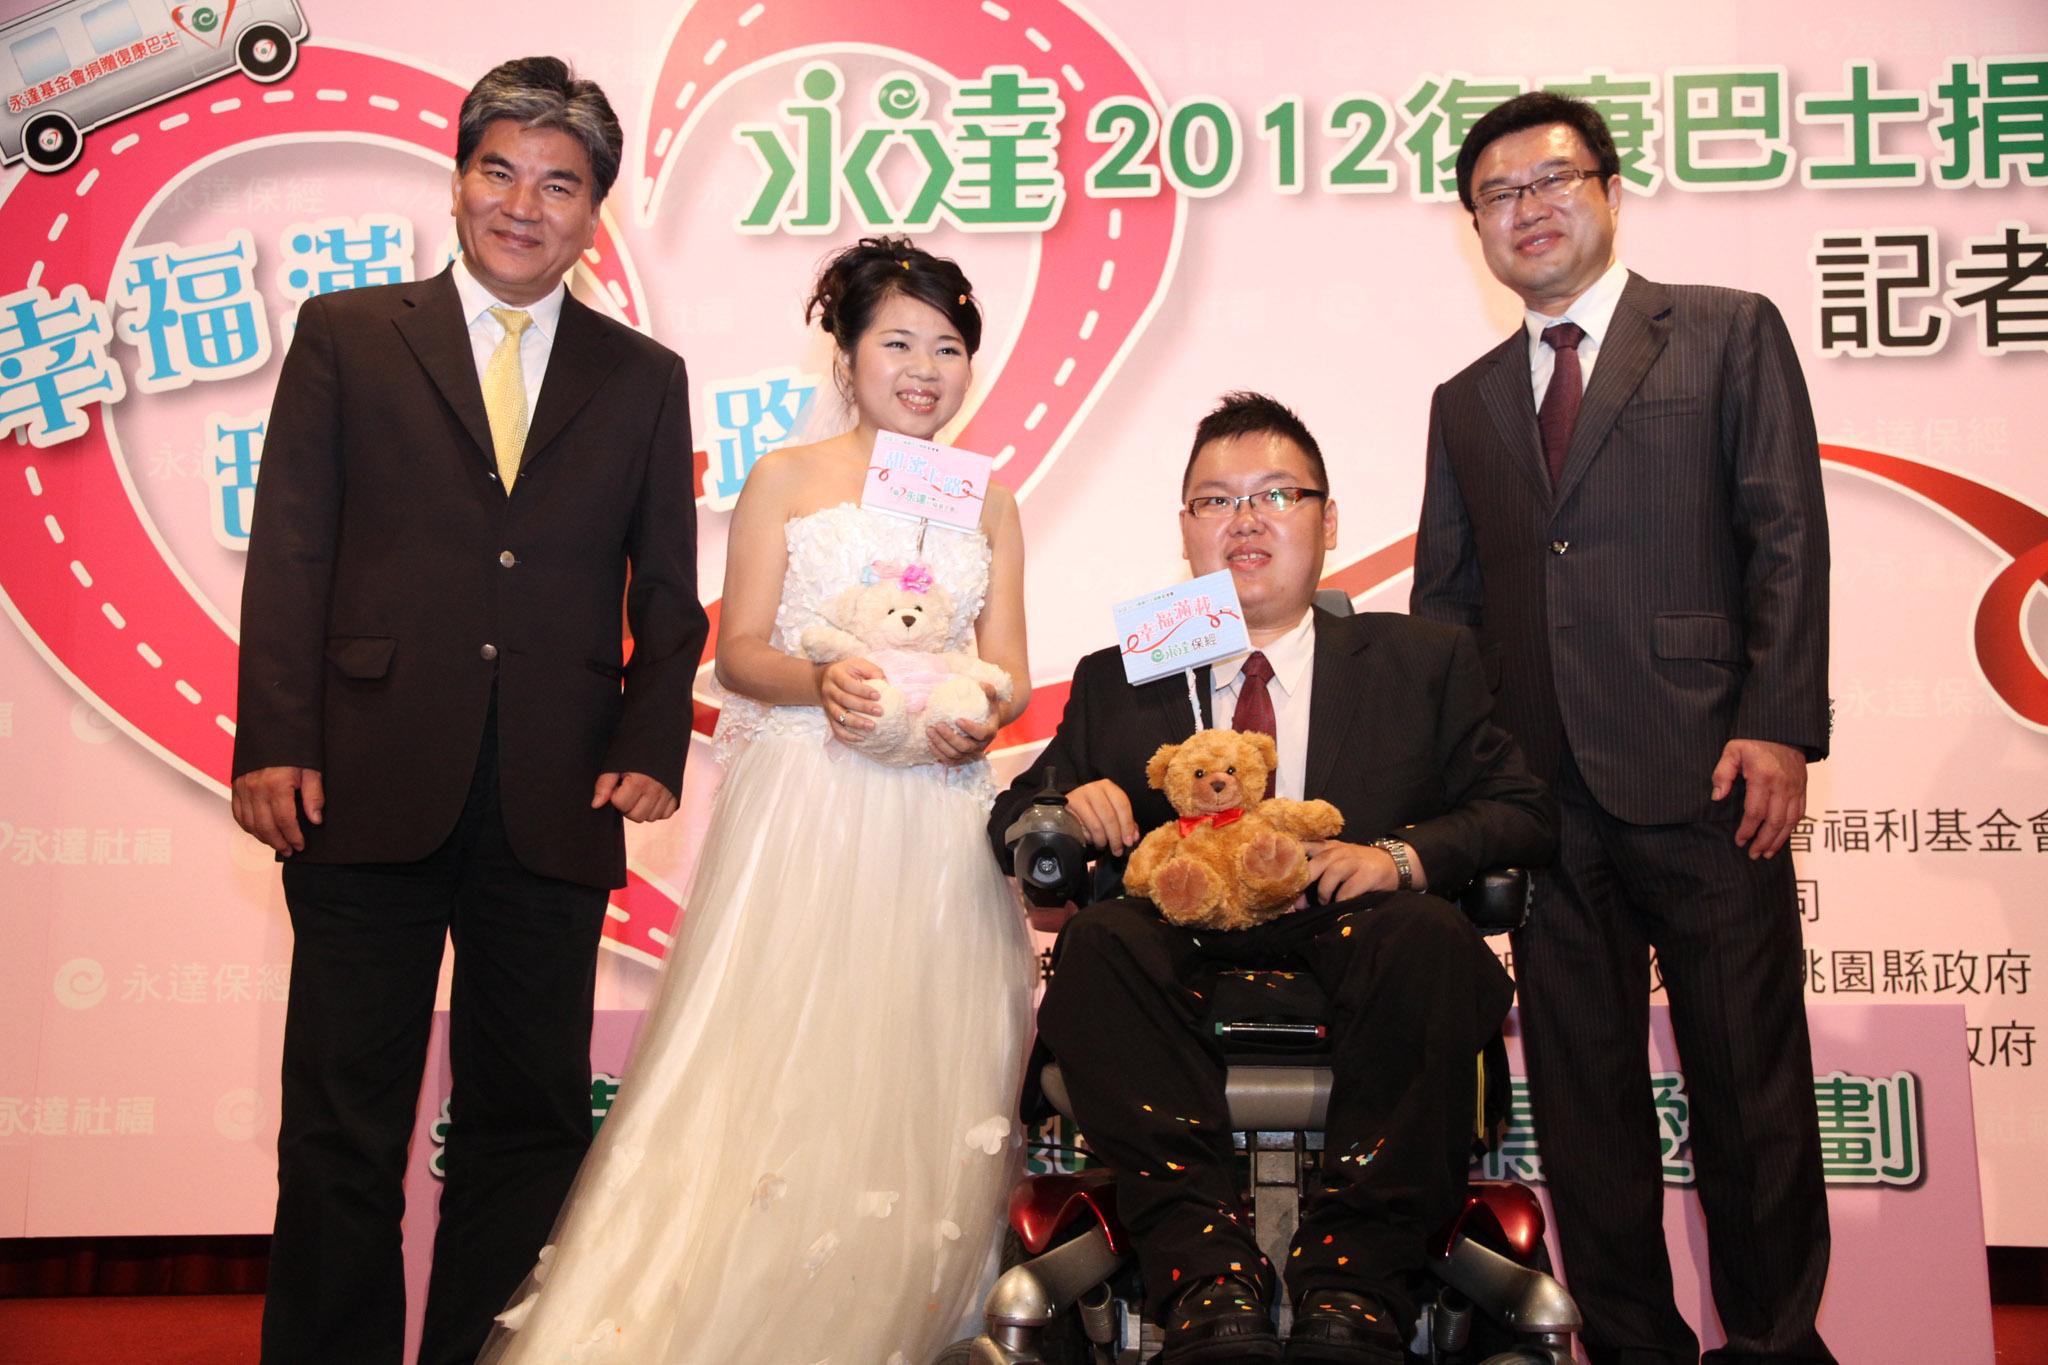 內政部部長李鴻源(左一)與永達吳文永董事長(右一) 獻上幸福甜蜜小熊為身障新人小齊(右二)與誼芳(左二) 見証求婚儀式。